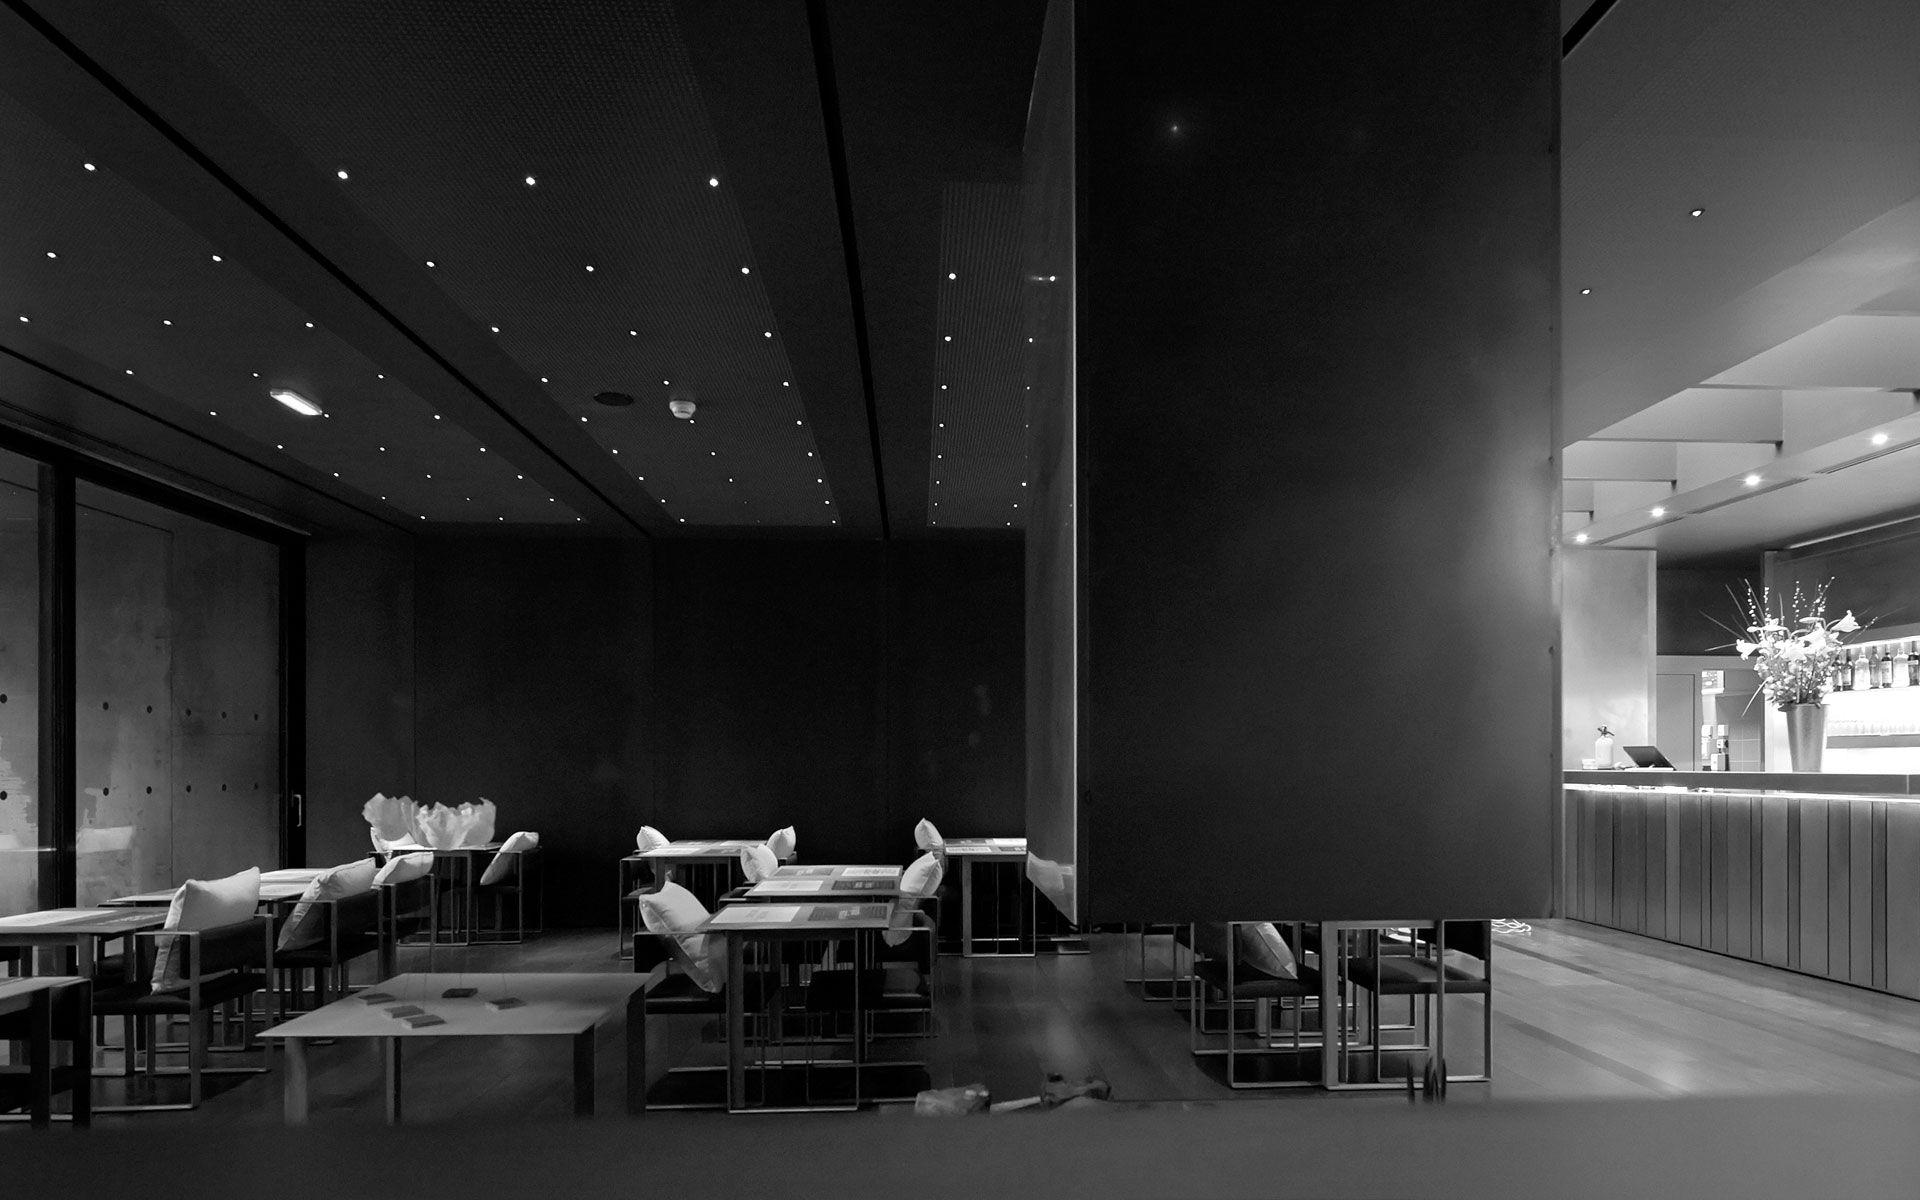 Décoratrice D Intérieur Rodez cafe bras_ musee soulages- rodez, france | musée soulages